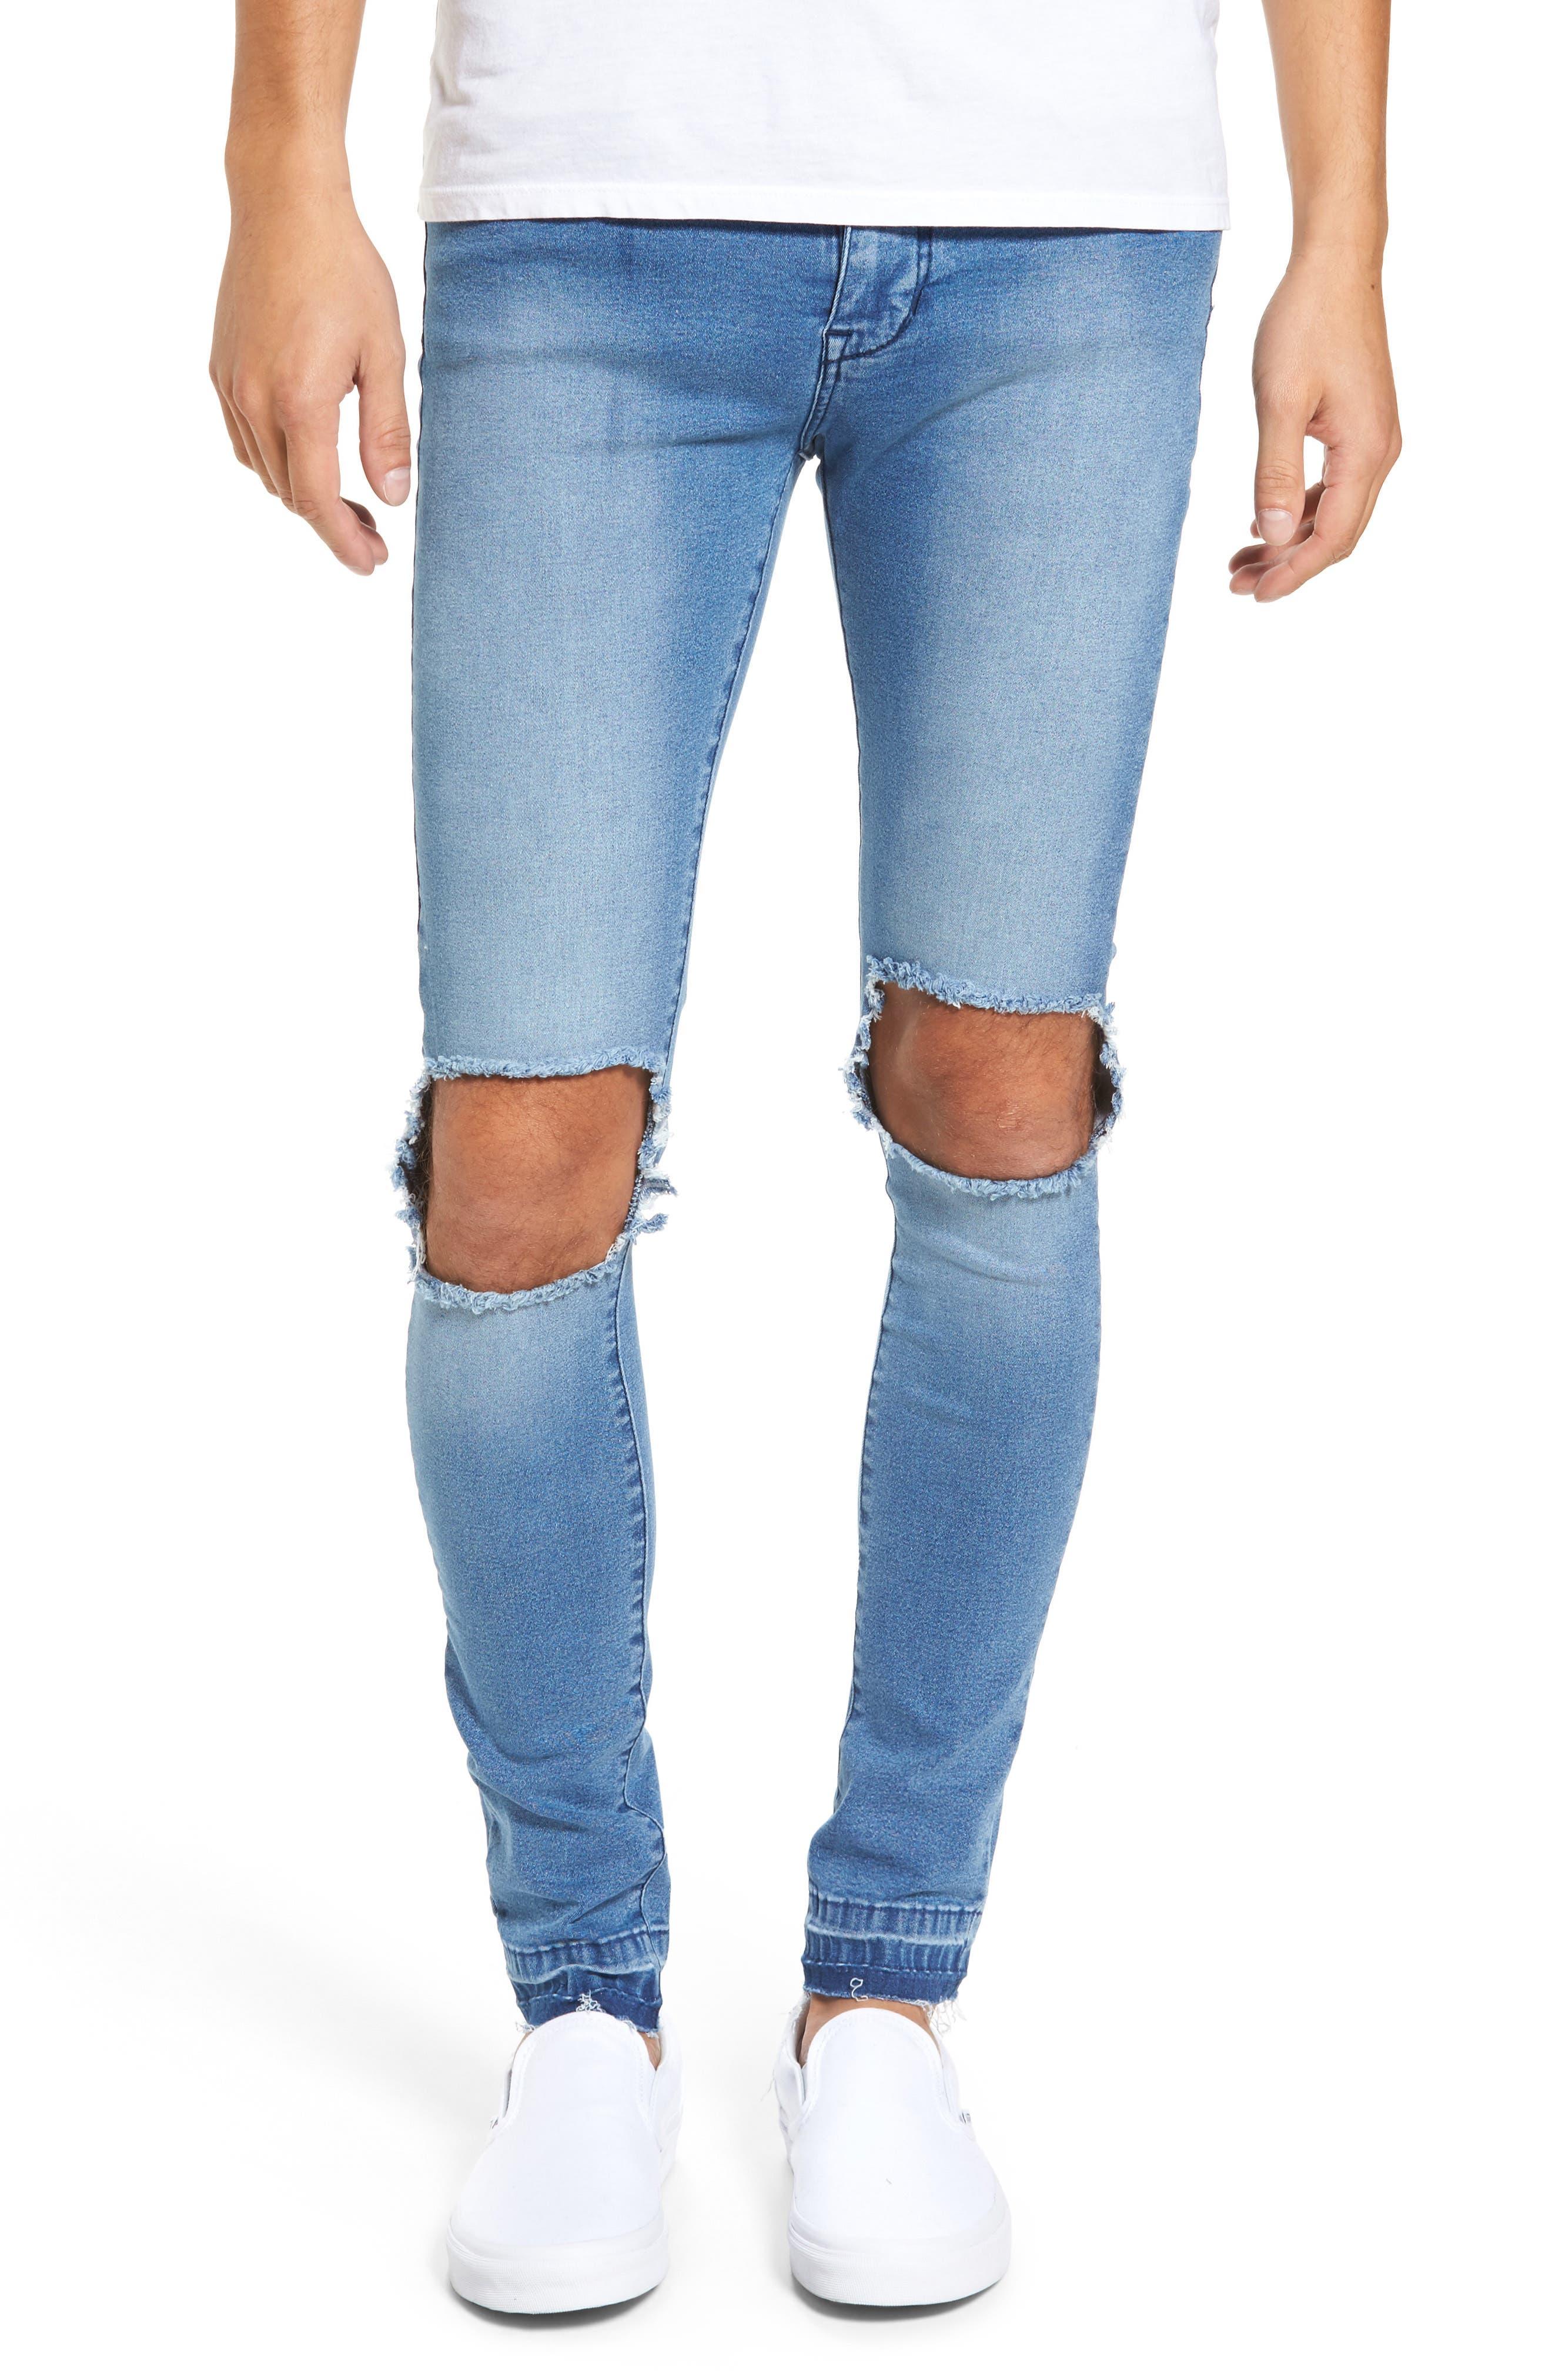 Leroy Slim Fit Jeans,                         Main,                         color, 400